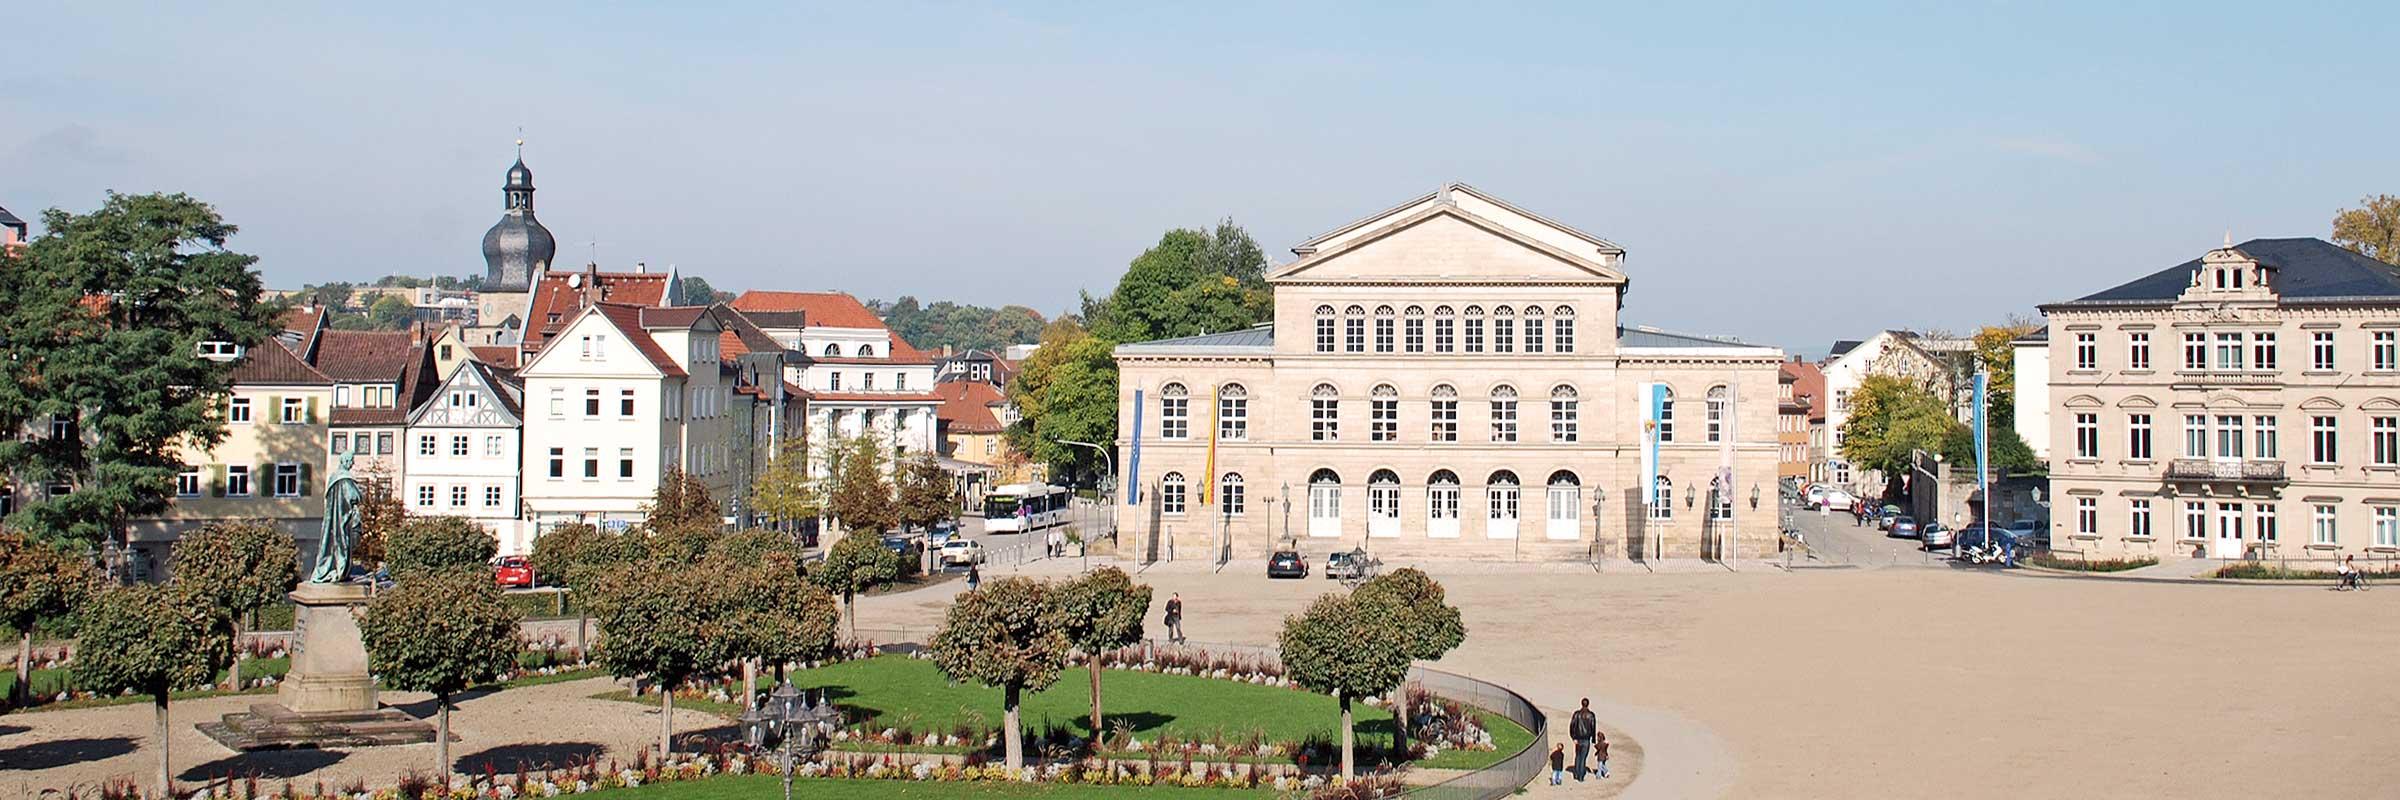 Landestheater_banner